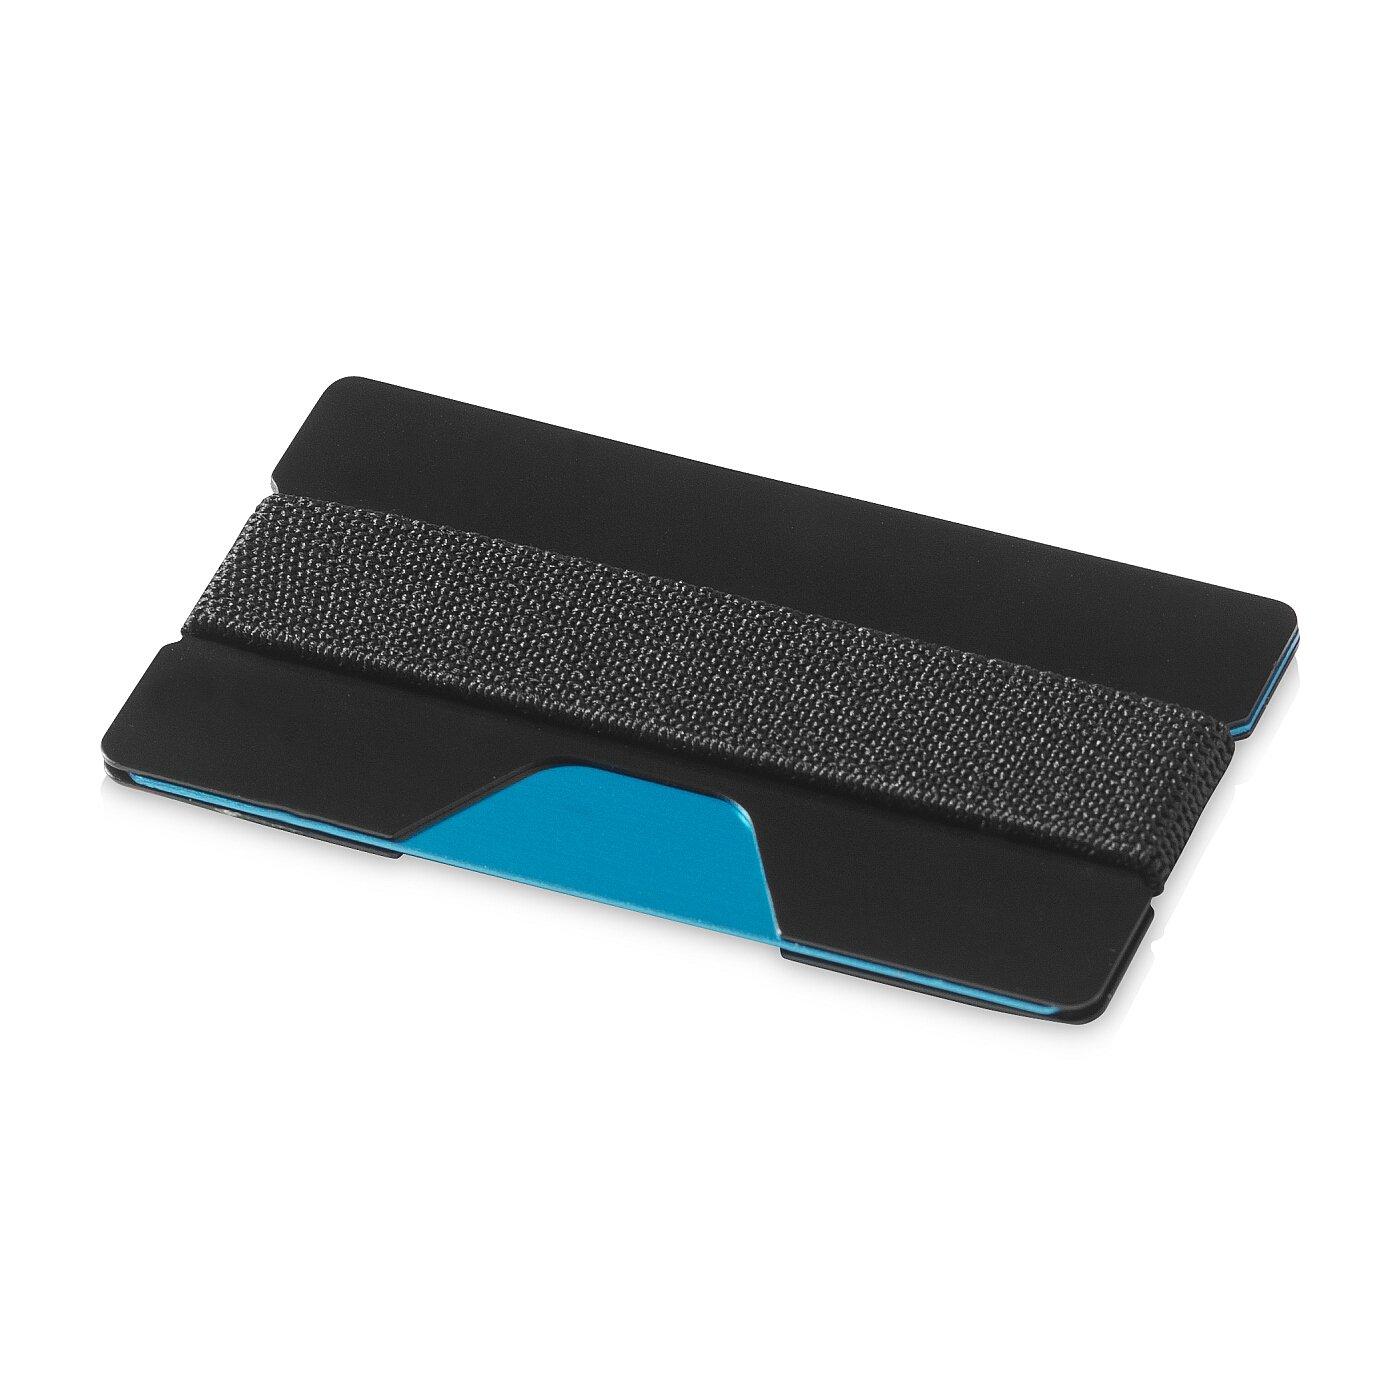 MARKSMAN - Slim wallet - RFID resistant - black